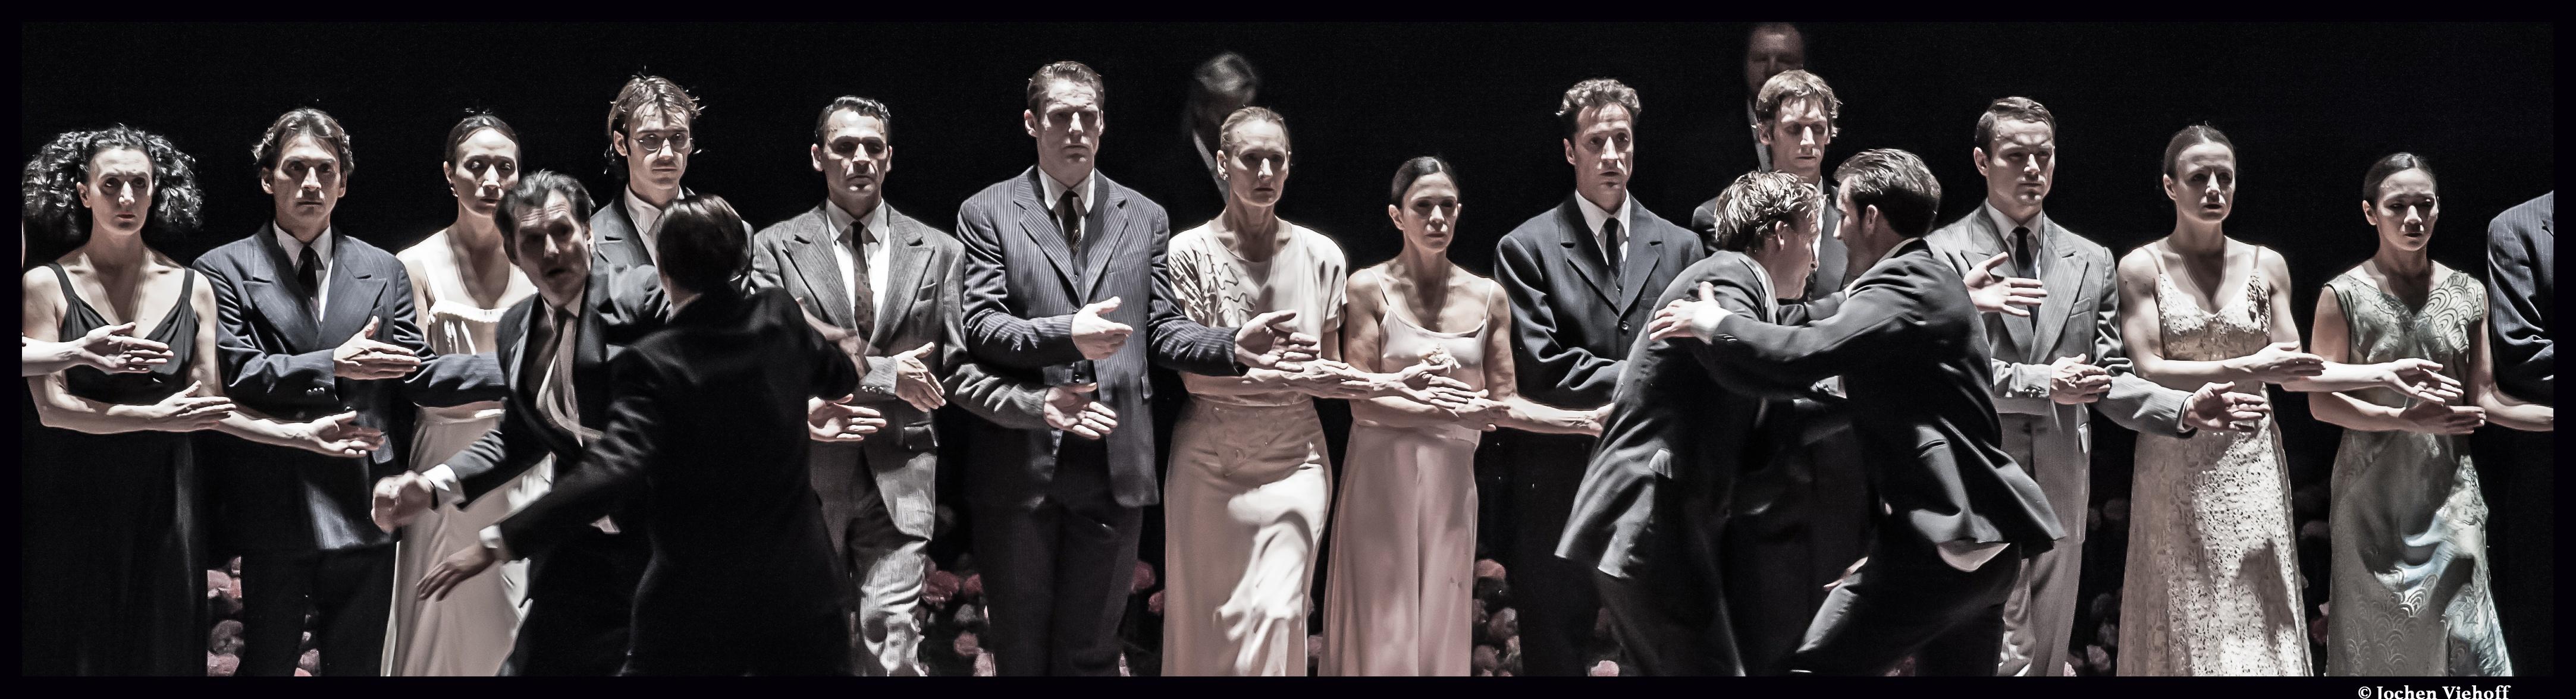 Couv_nelken_Pina_Bausch_Theatre_Ville_©Jochen_Viehoff_@loeildoliv